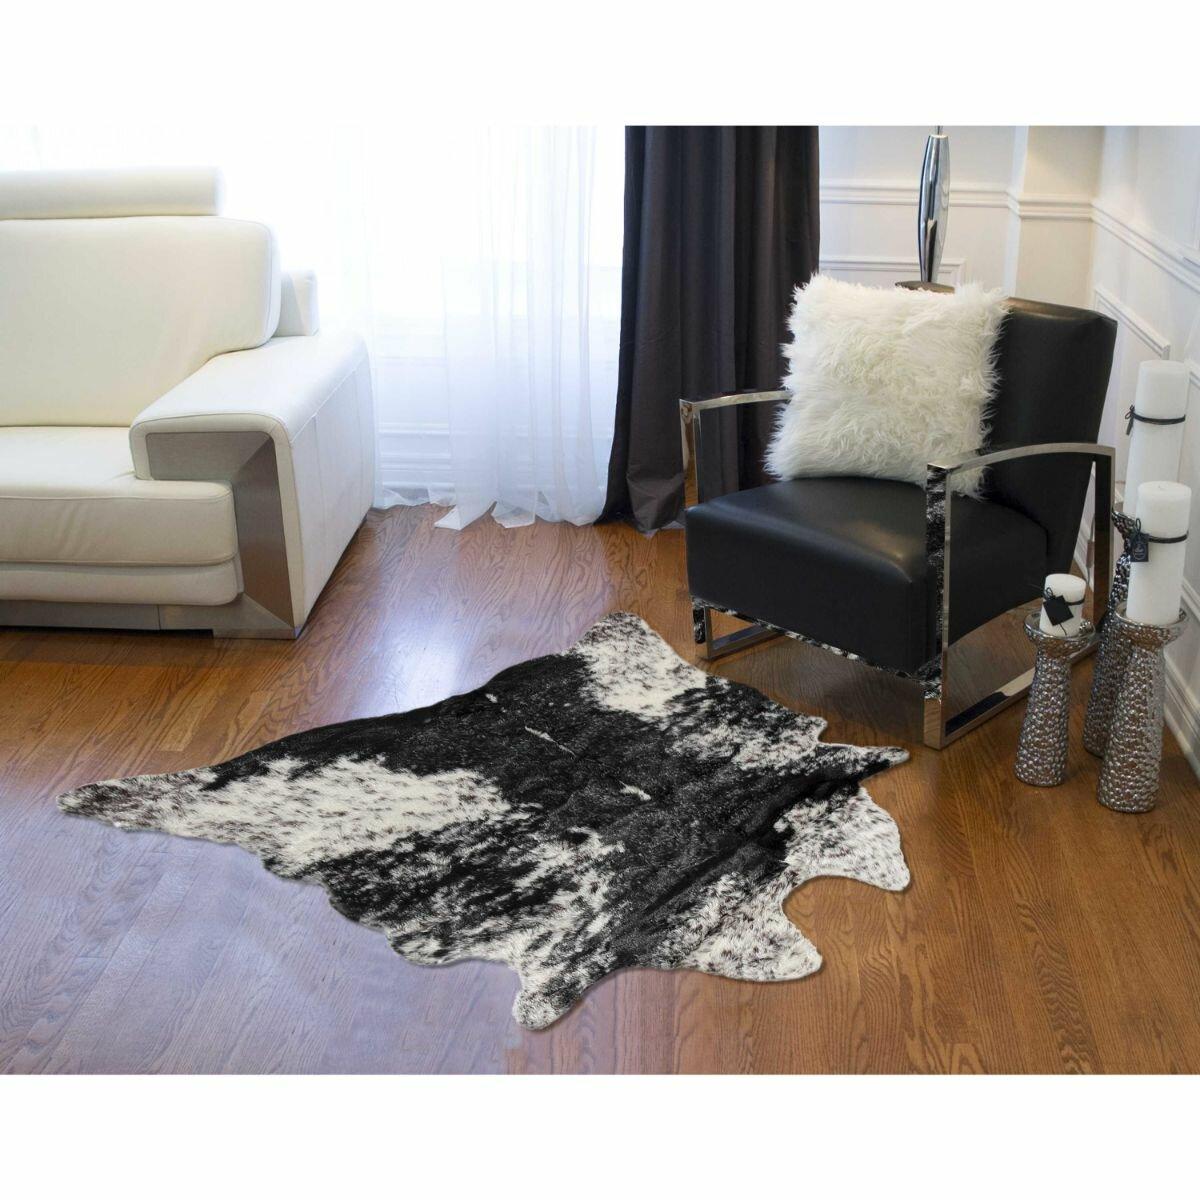 Loon Peak Embrey Animal Print Handmade Cowhide Black White Area Rug Wayfair